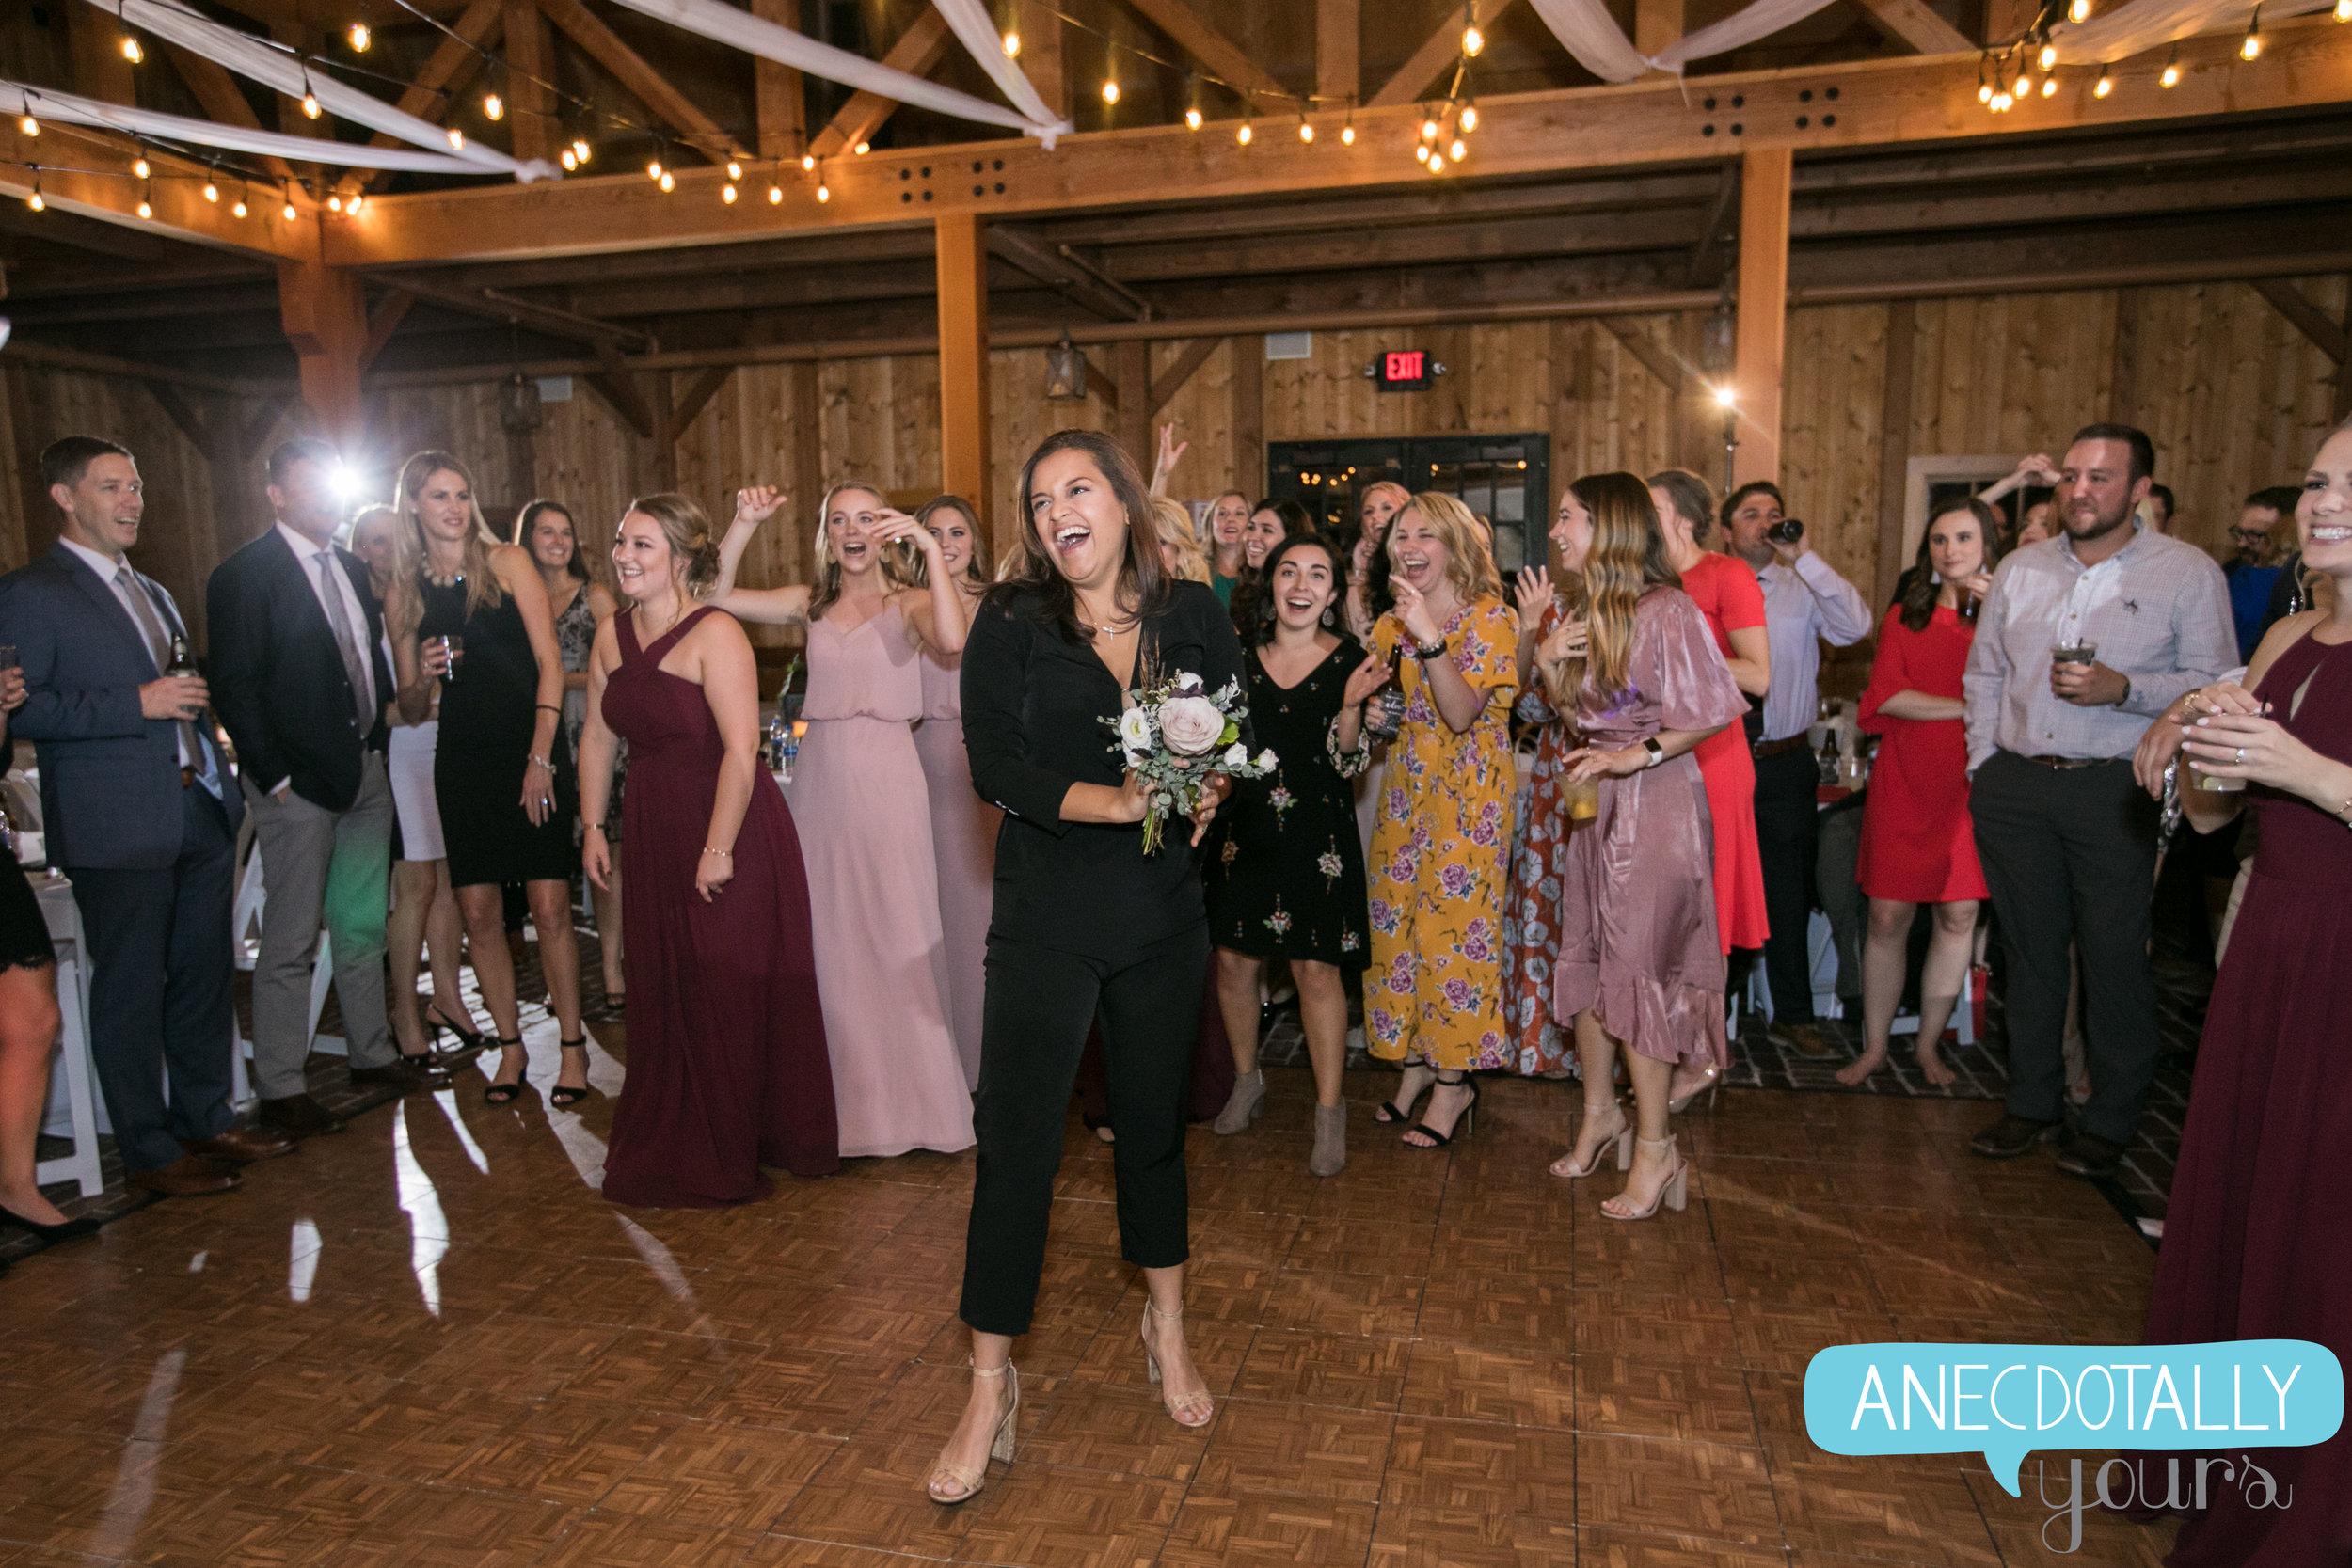 mildale-farm-wedding-174.jpg